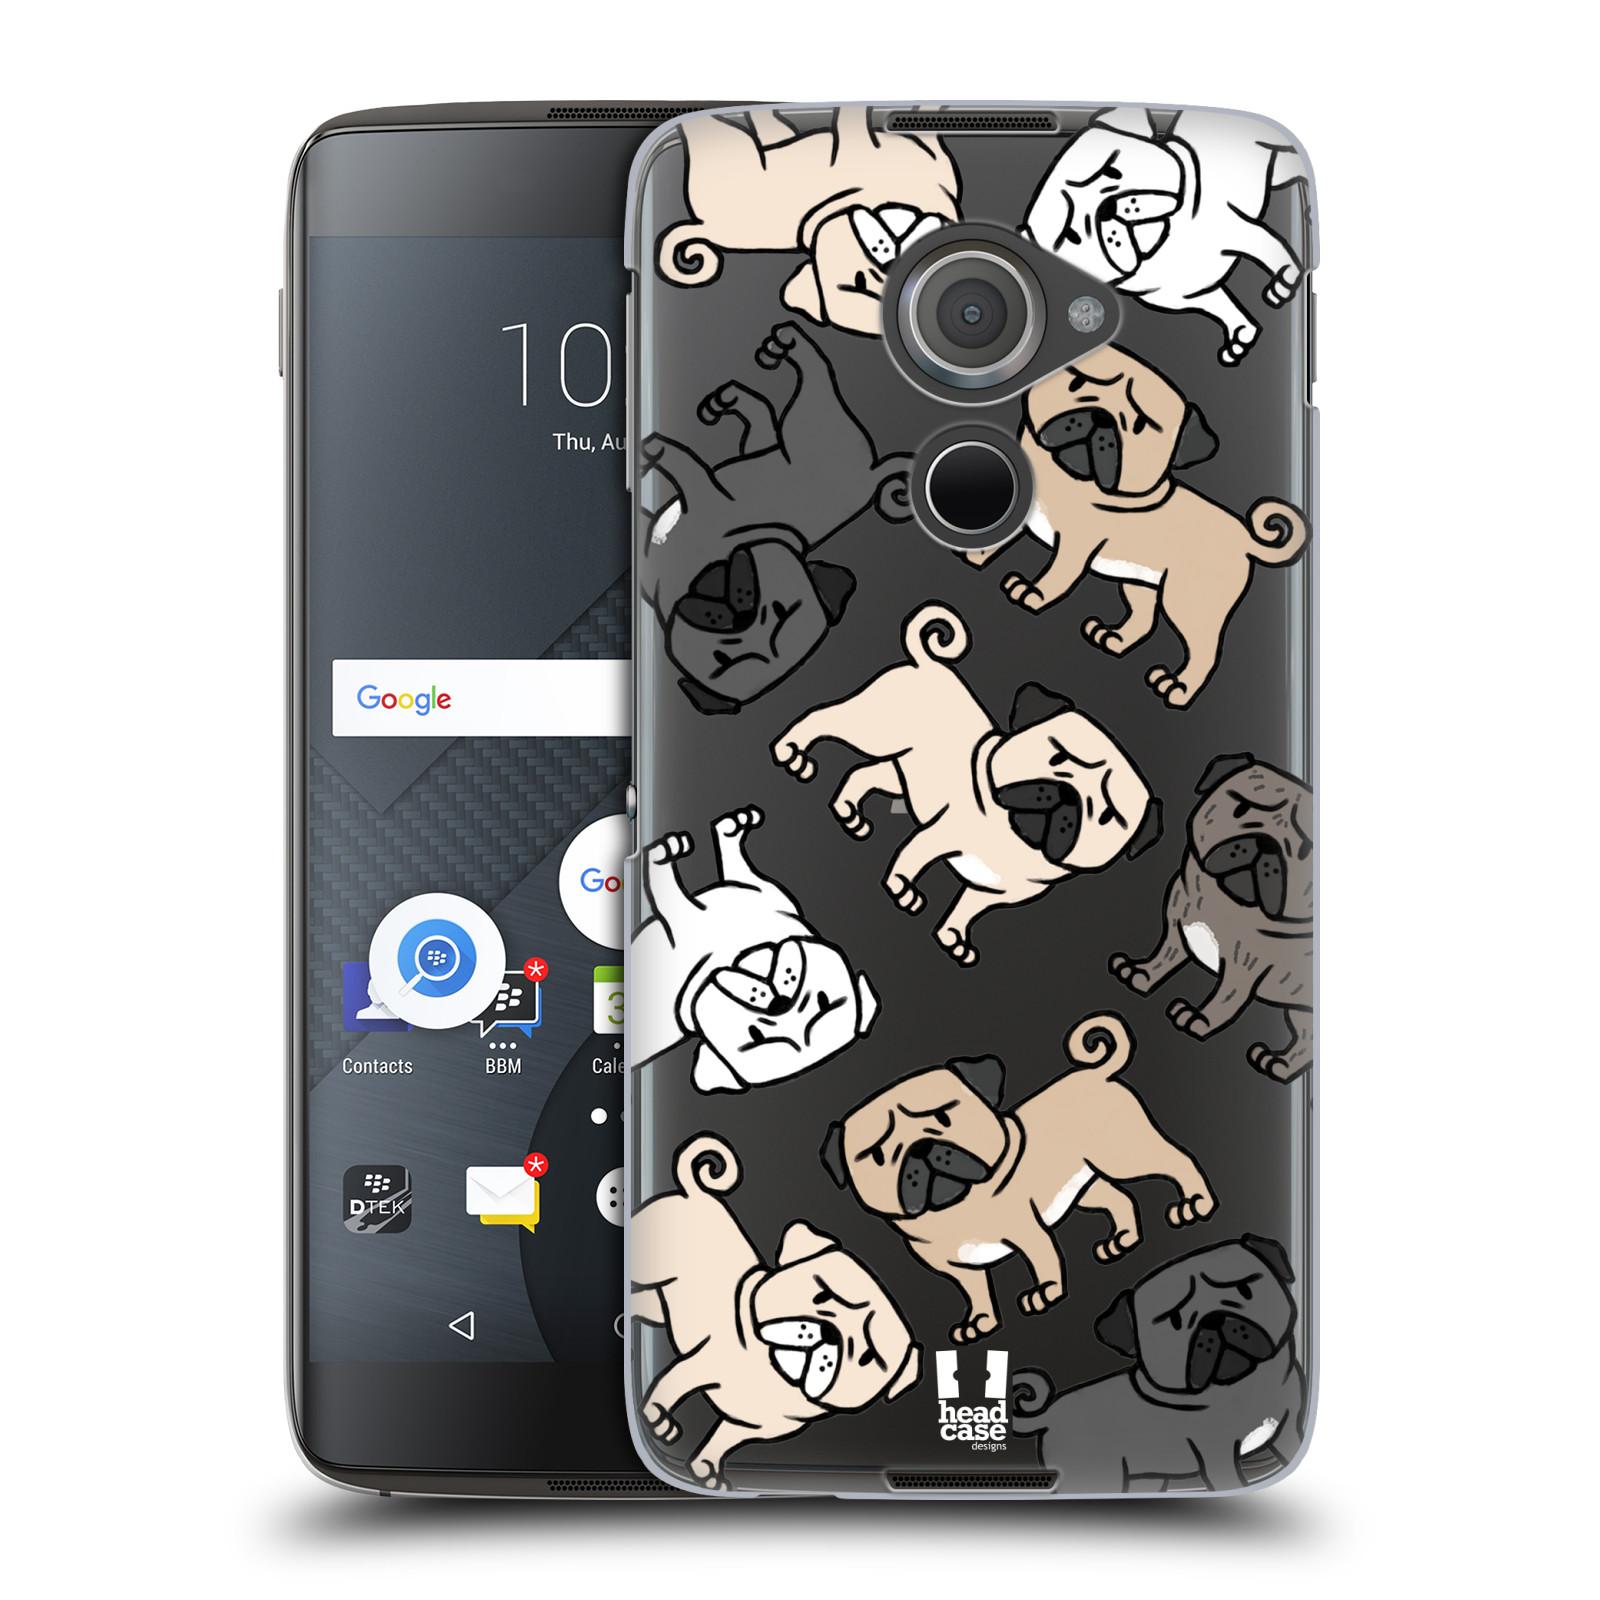 Plastové pouzdro na mobil Blackberry DTEK60 (Argon) - Head Case - Mopsíci (Plastový kryt či obal na mobilní telefon s motivem mopsíků pro Blackberry DTEK60 (Argon))